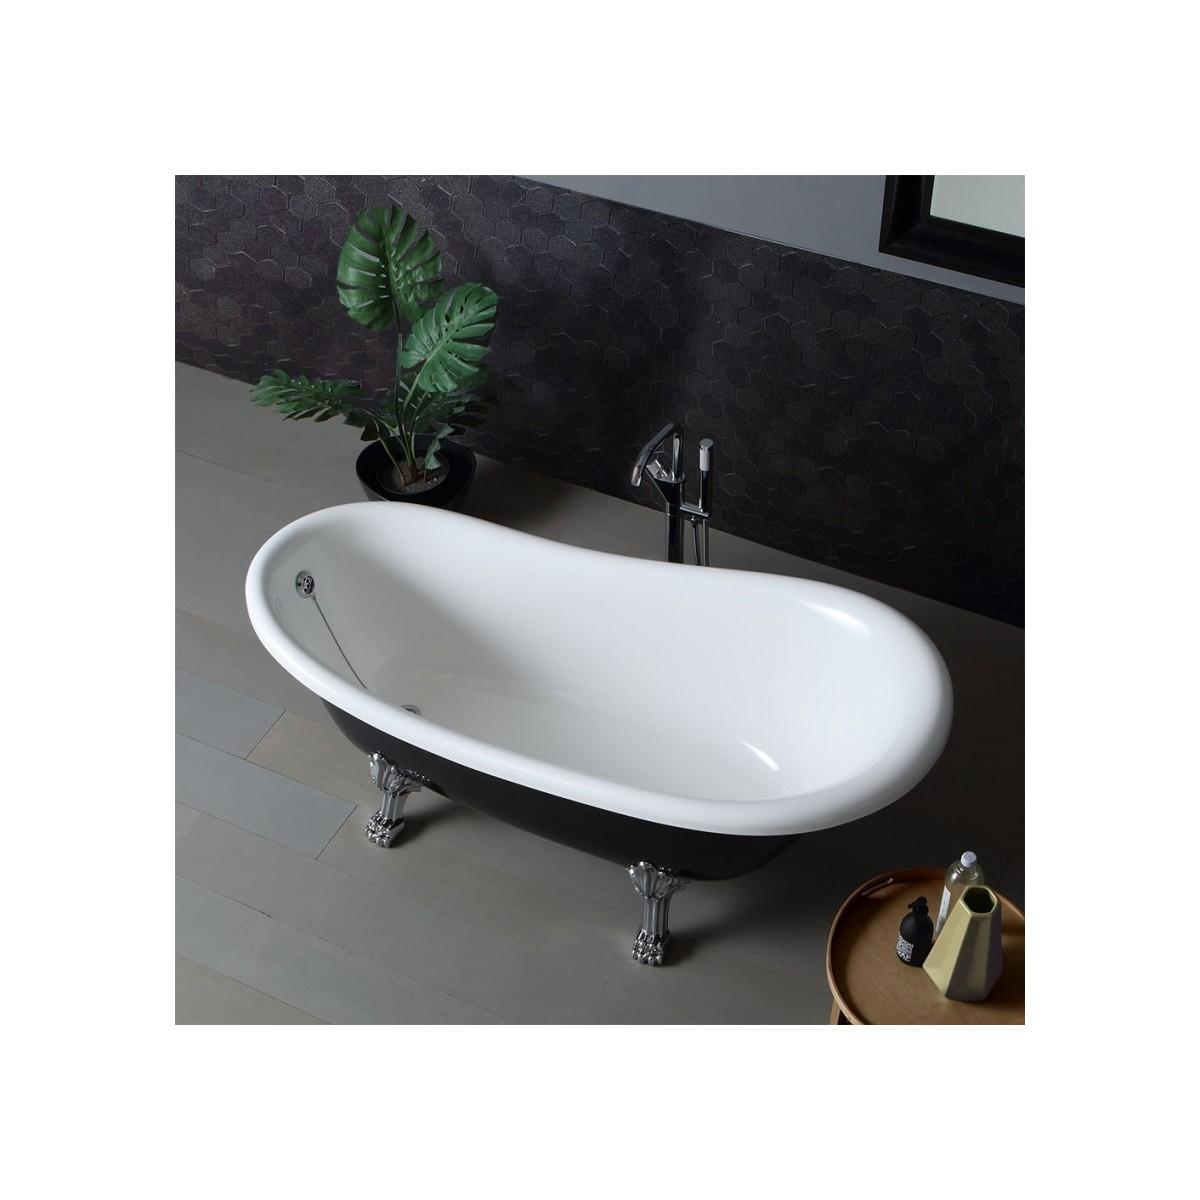 Vasca da bagno nera in stile retr con piedini cleopatra 167cm - Rubinetteria bagno nera ...